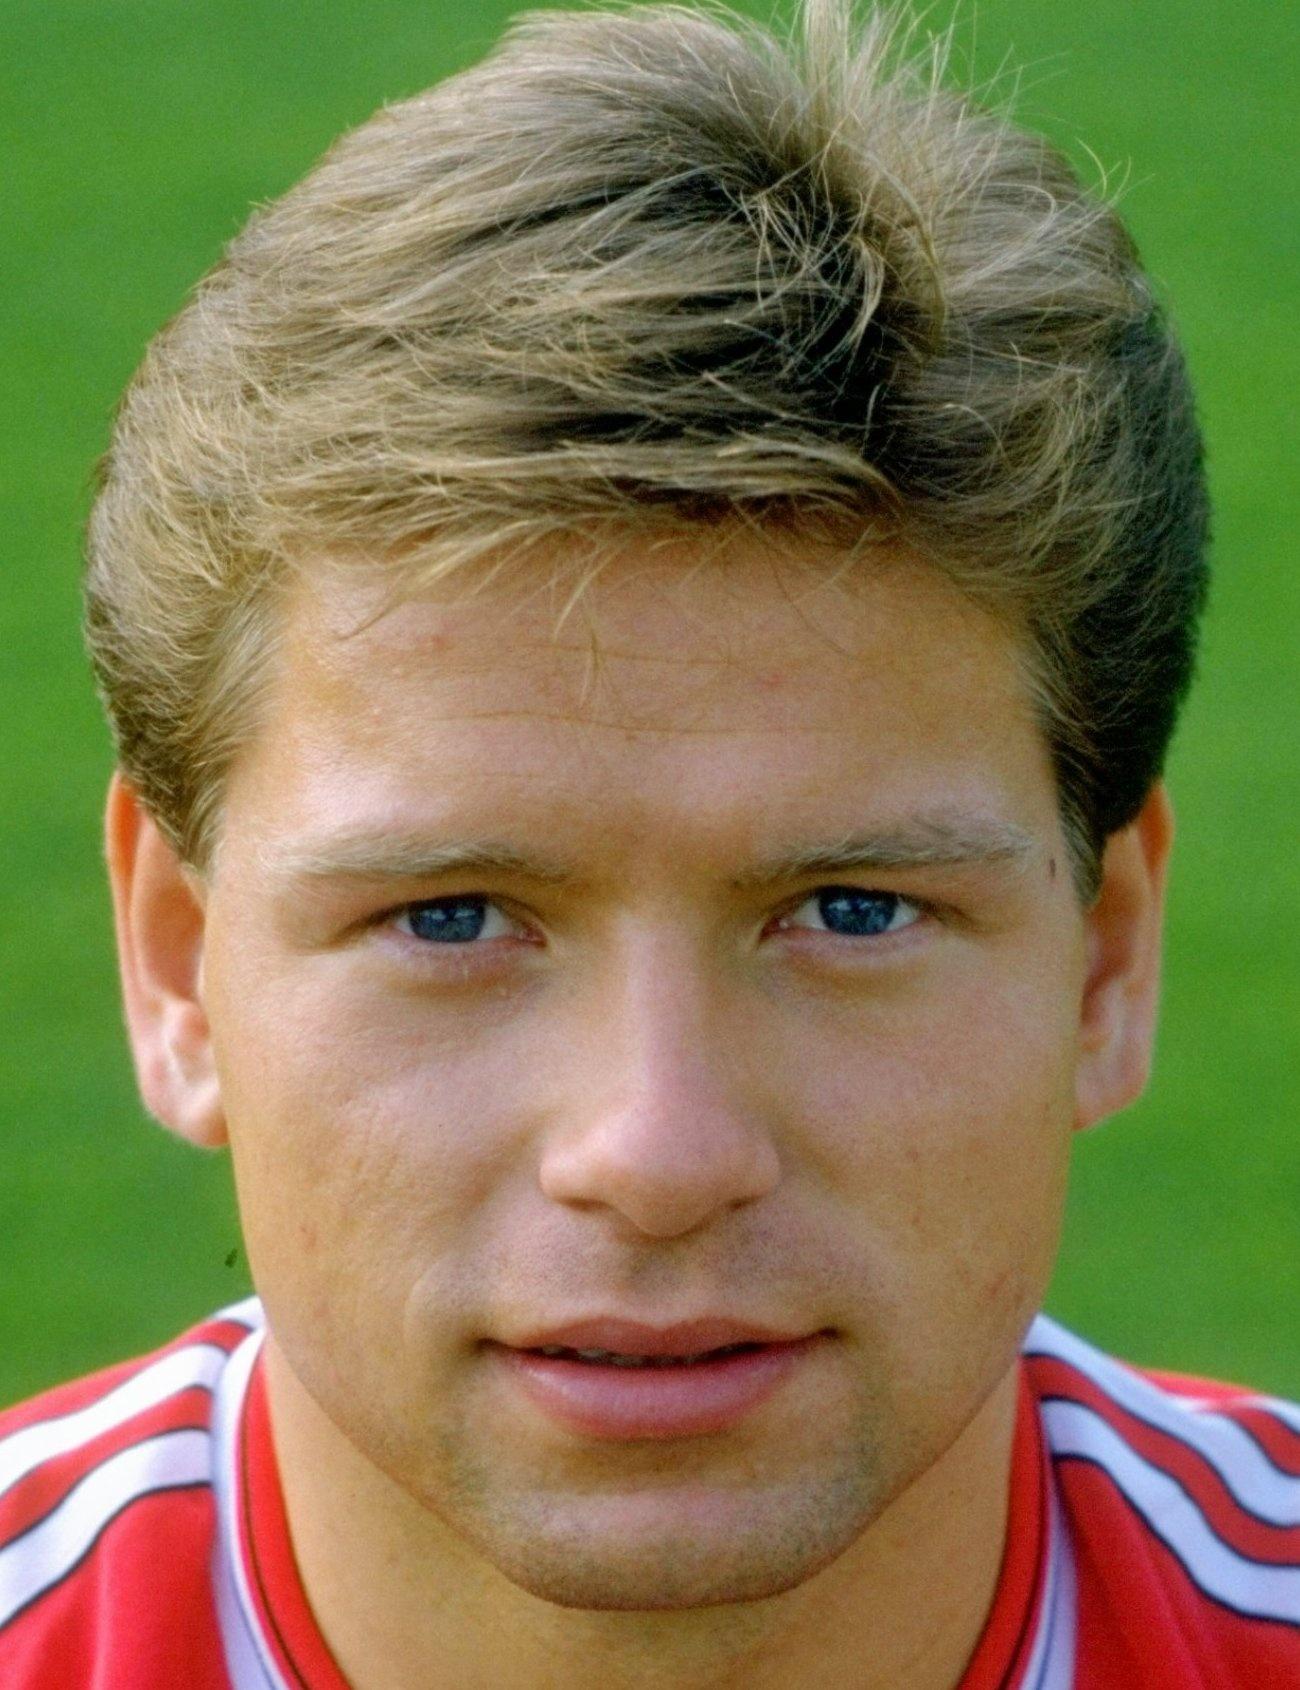 John sivebaek profil du joueur transfermarkt for Magri arreda pescara